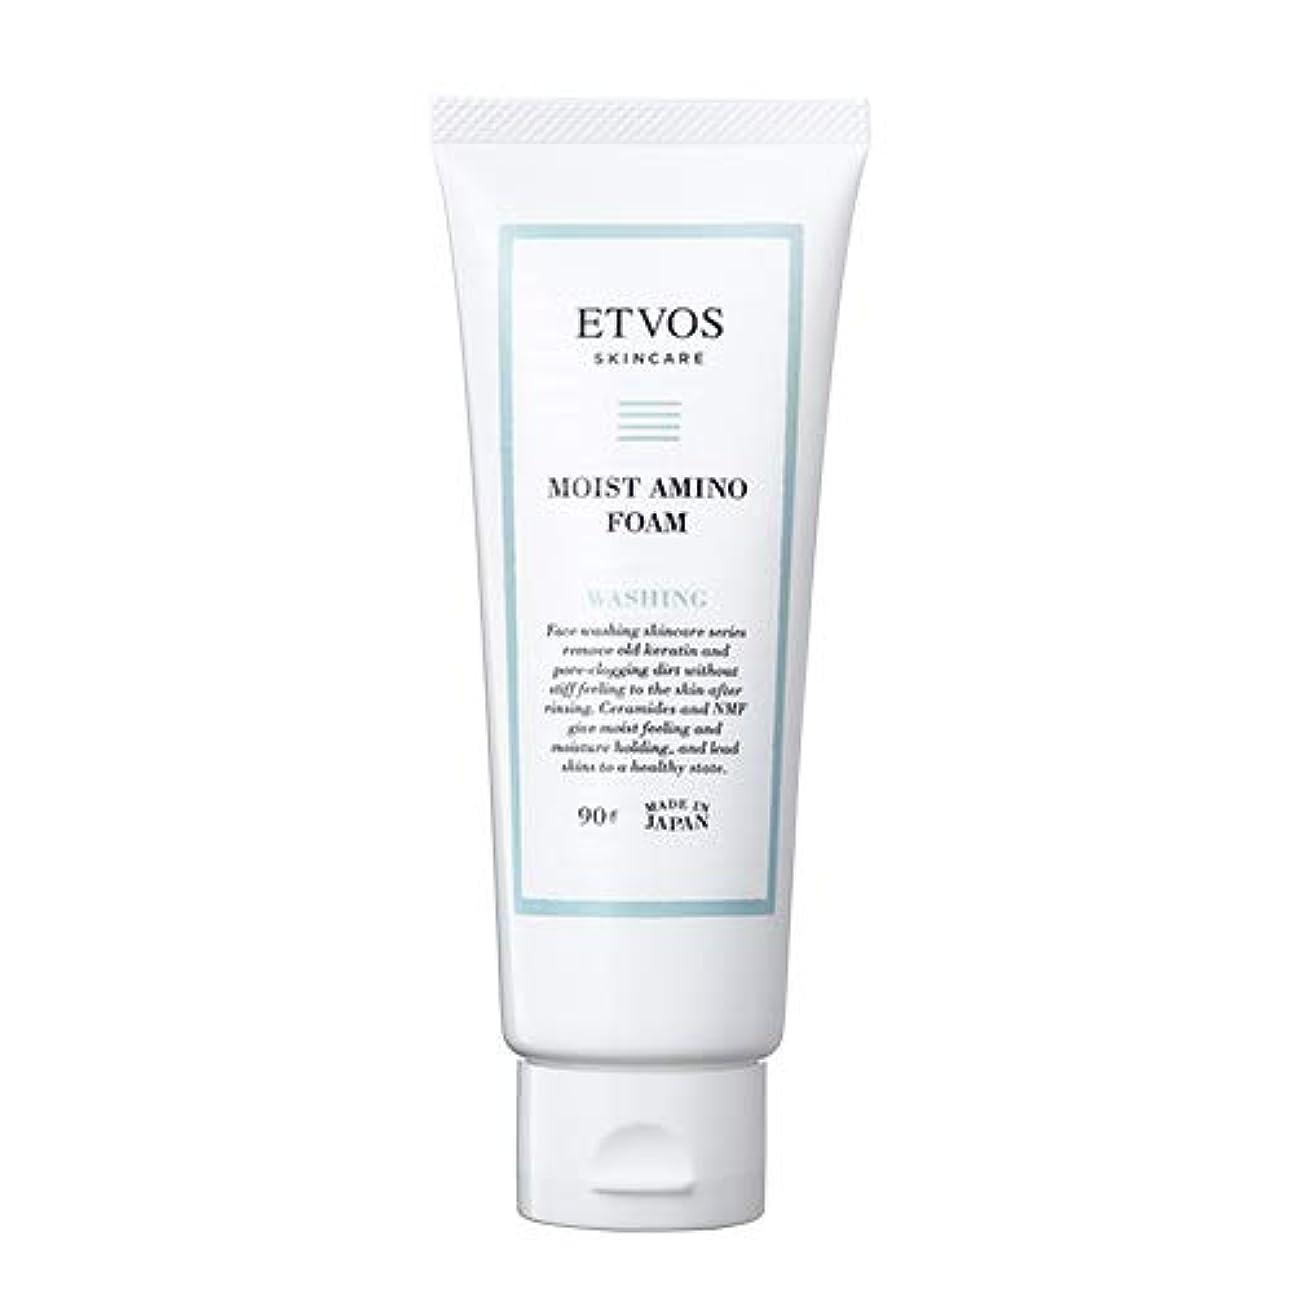 古くなったしっとりクルーETVOS(エトヴォス) 洗顔フォーム モイストアミノフォーム 90g ヒト型セラミド アミノ酸系 乾燥肌/敏感肌